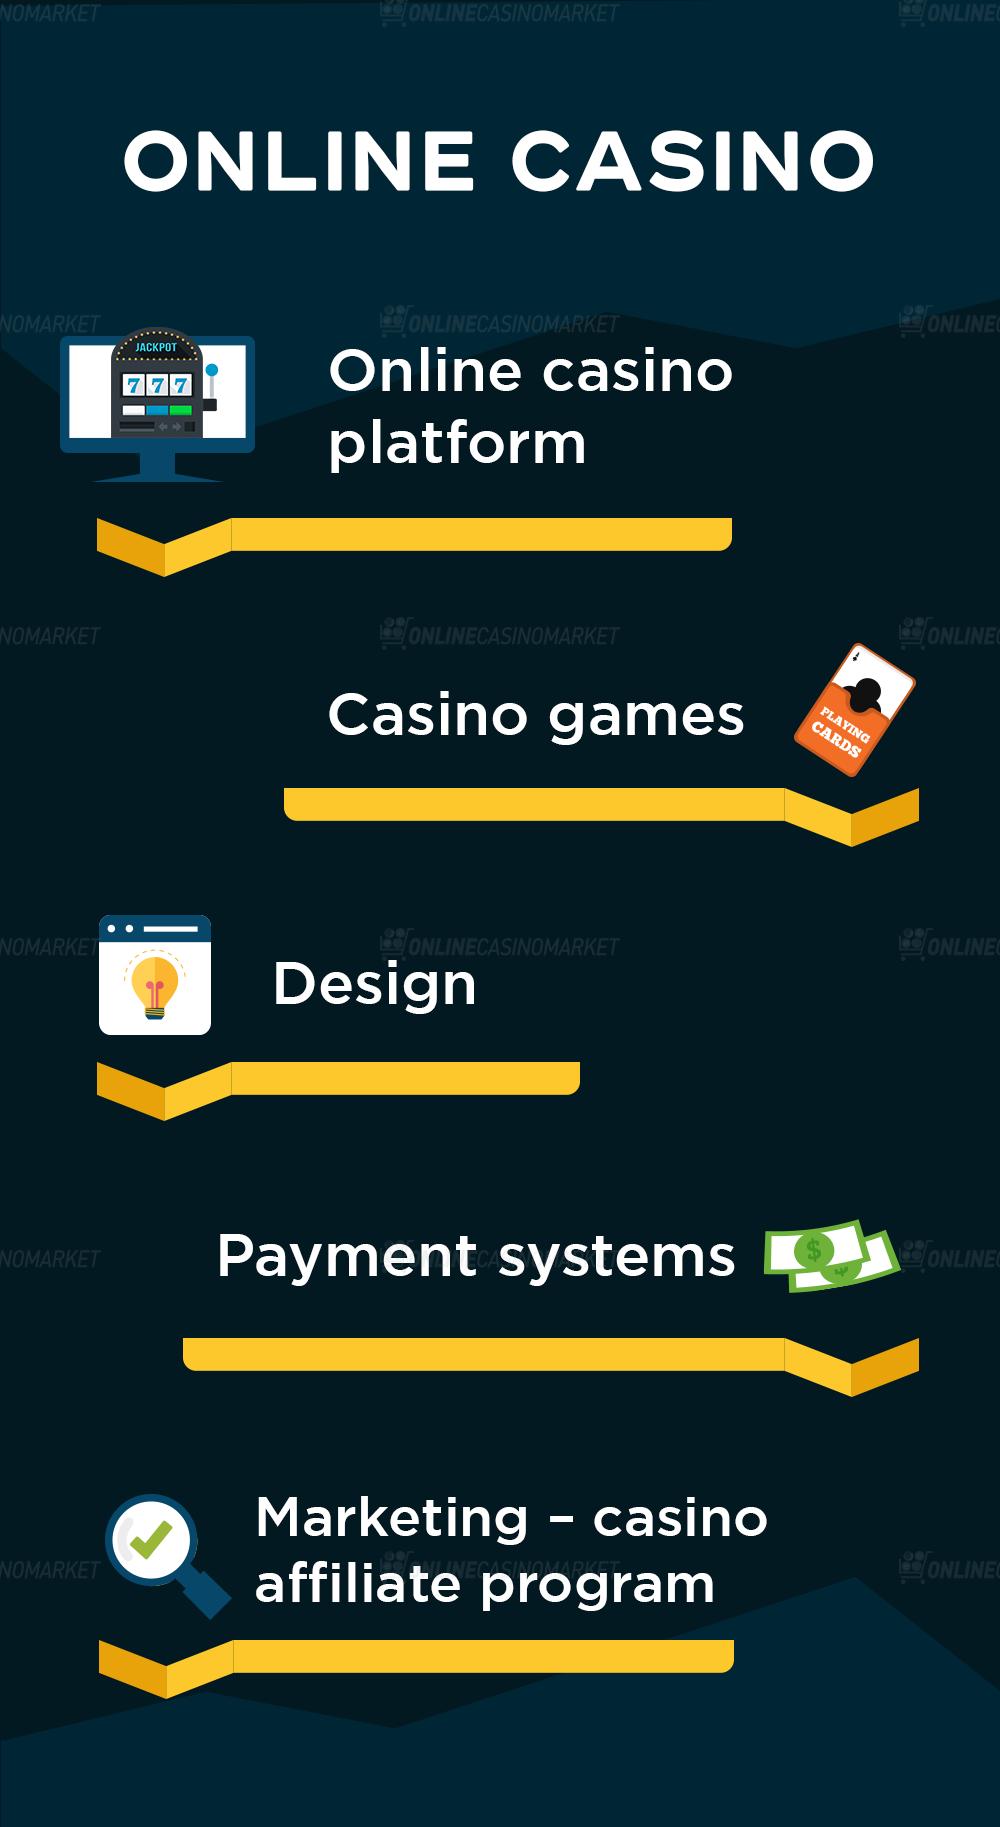 Affiliate affiliate casino marketing program online casino no deposit bonus for iphone